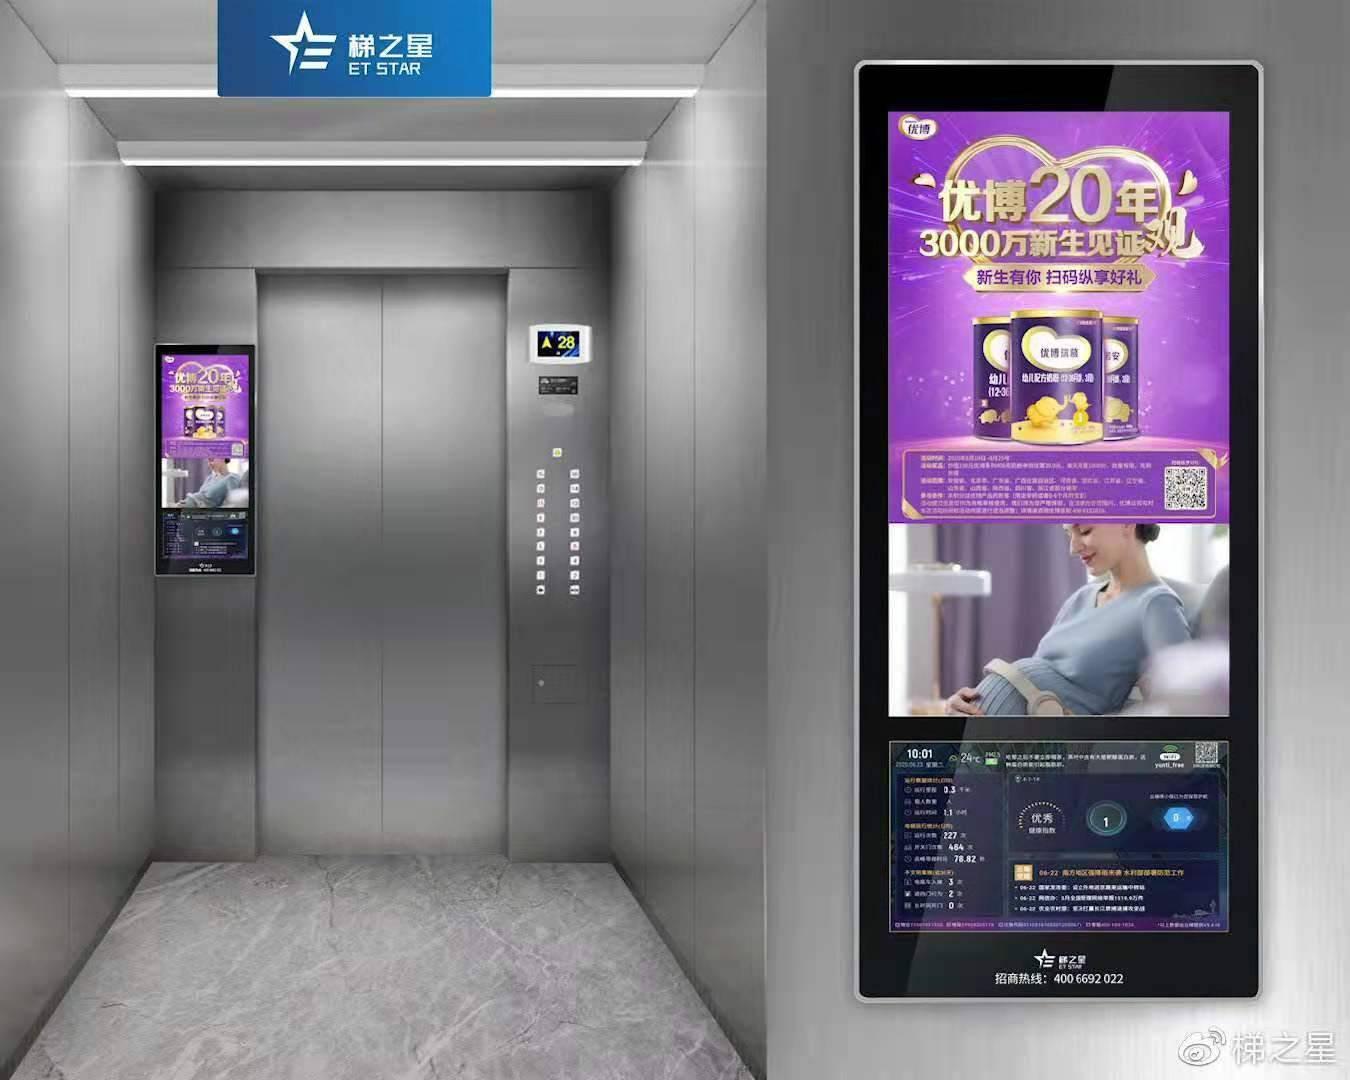 郑州电梯视频广告